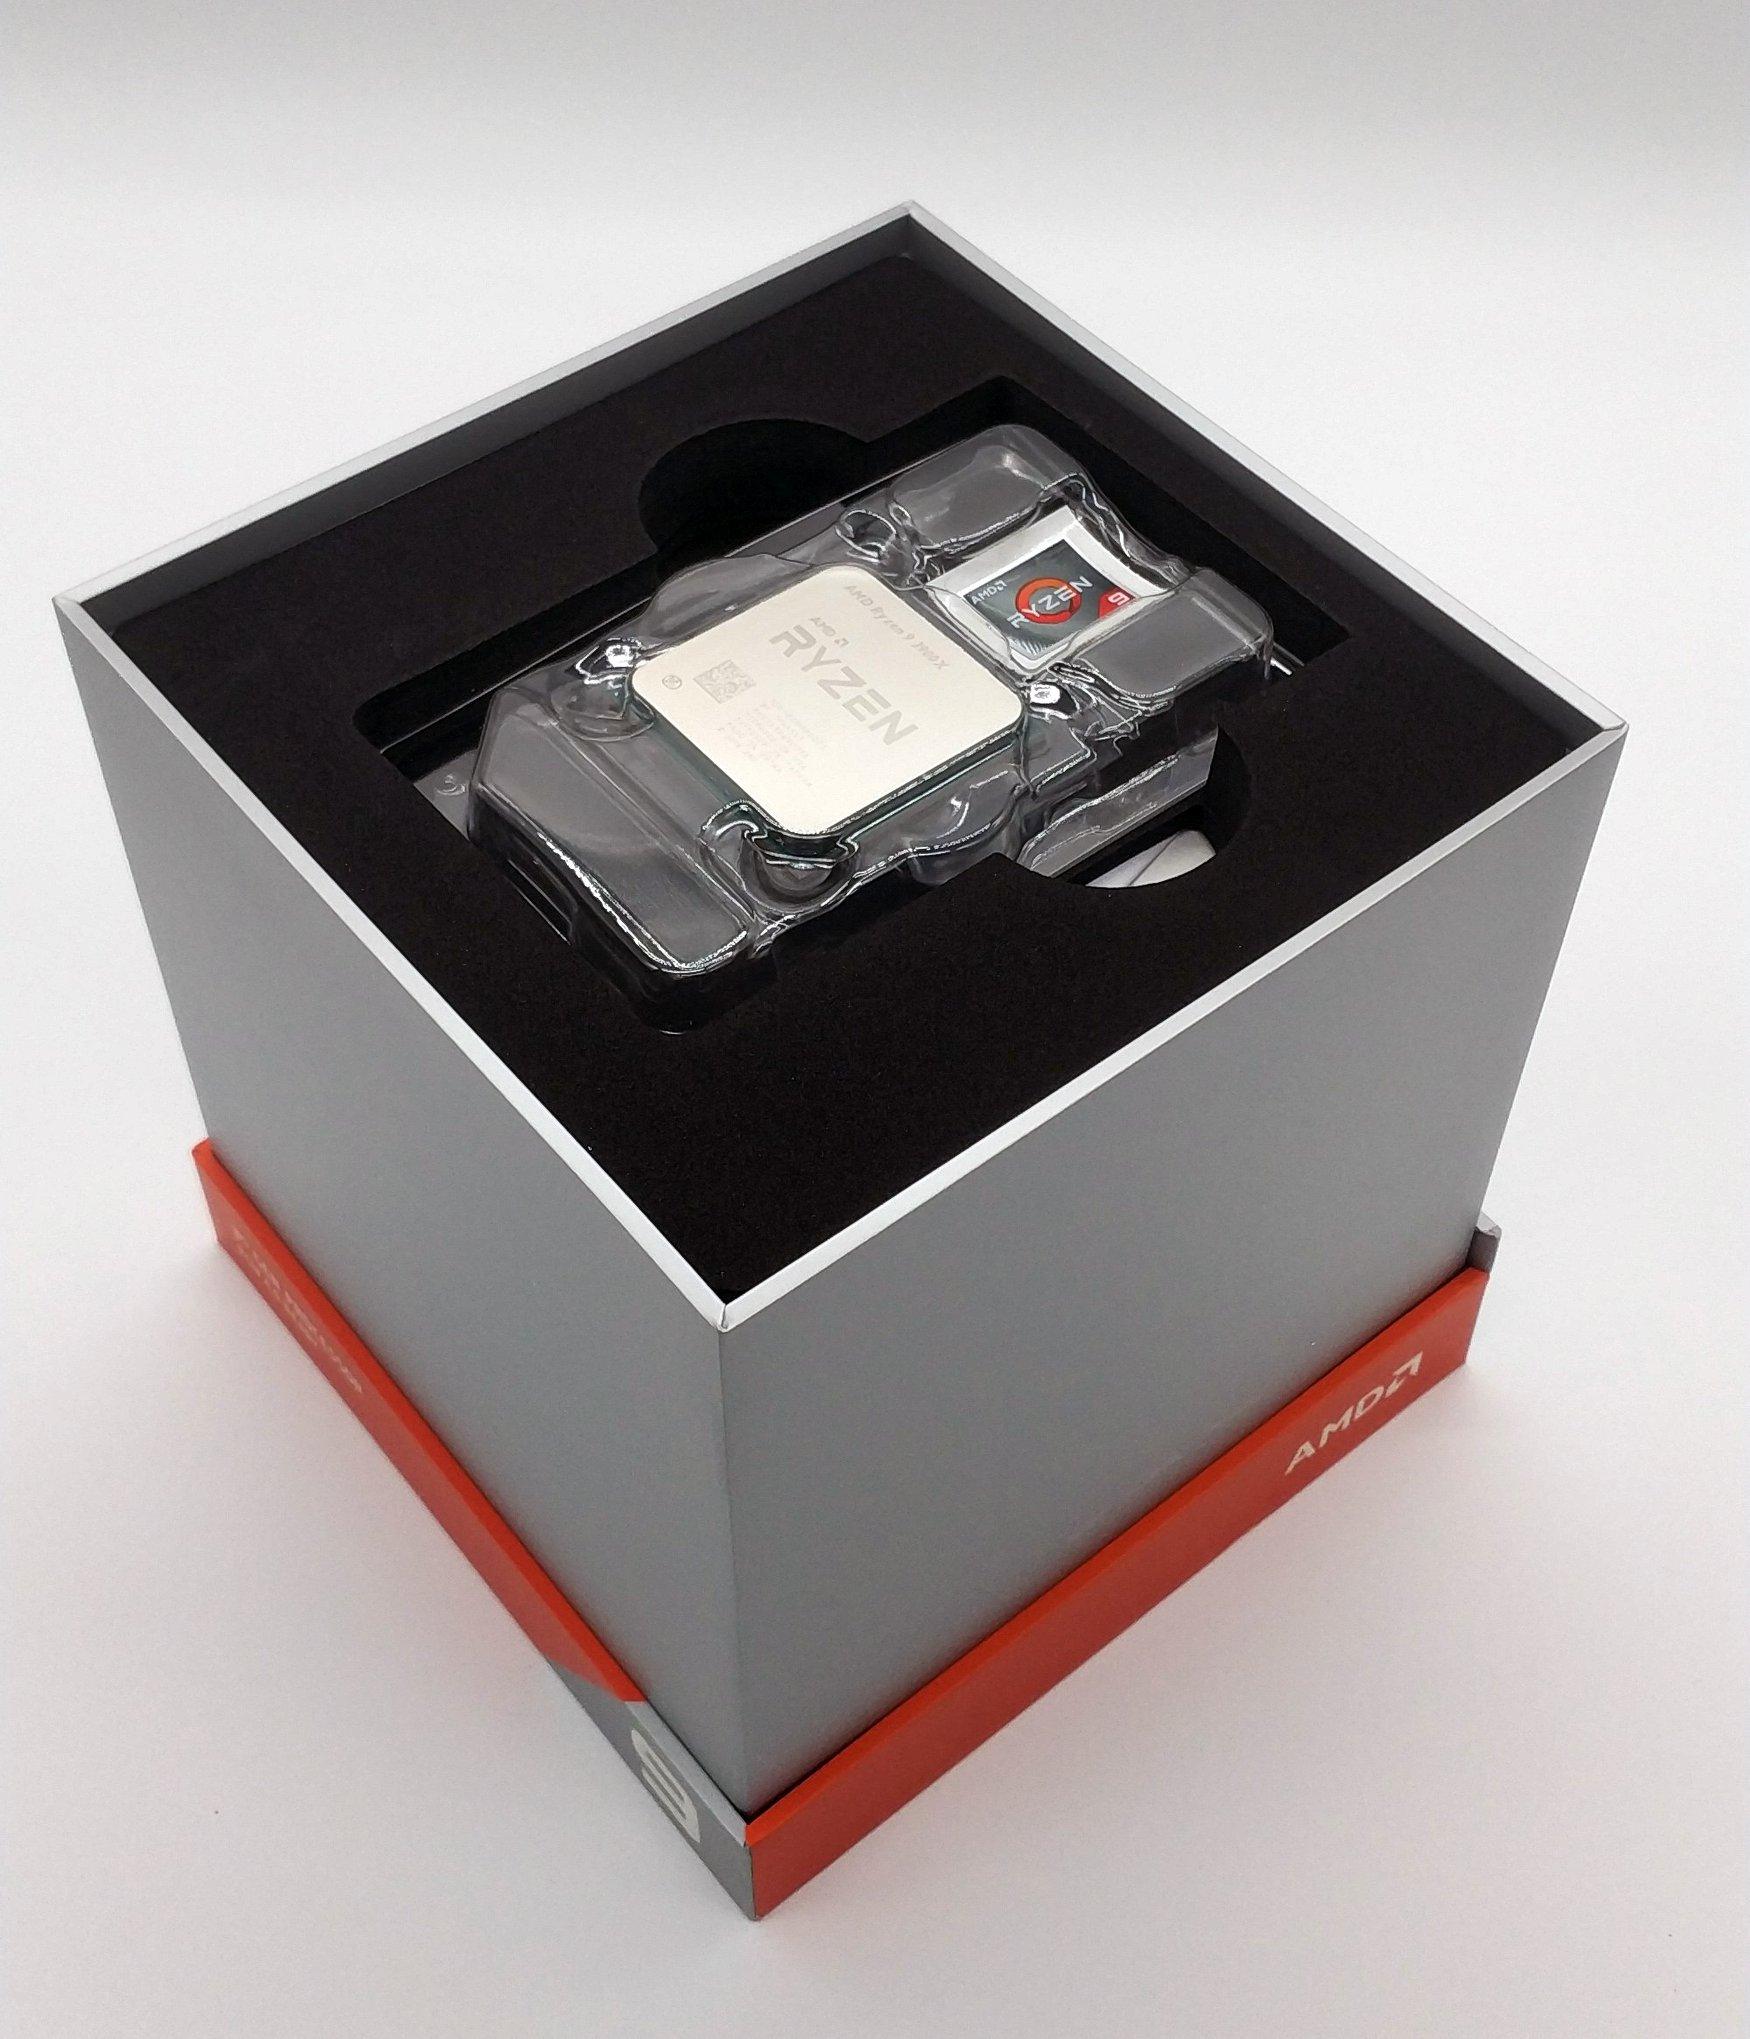 Nachdem das Siegel gebrochen wurde, kann der gesamte Deckel einfach hochgehoben werden und die CPU wird wie auf einem kleinen Podest präsentiert. Ein weiterer Aufkleber darf natürlich auch nicht fehlen !